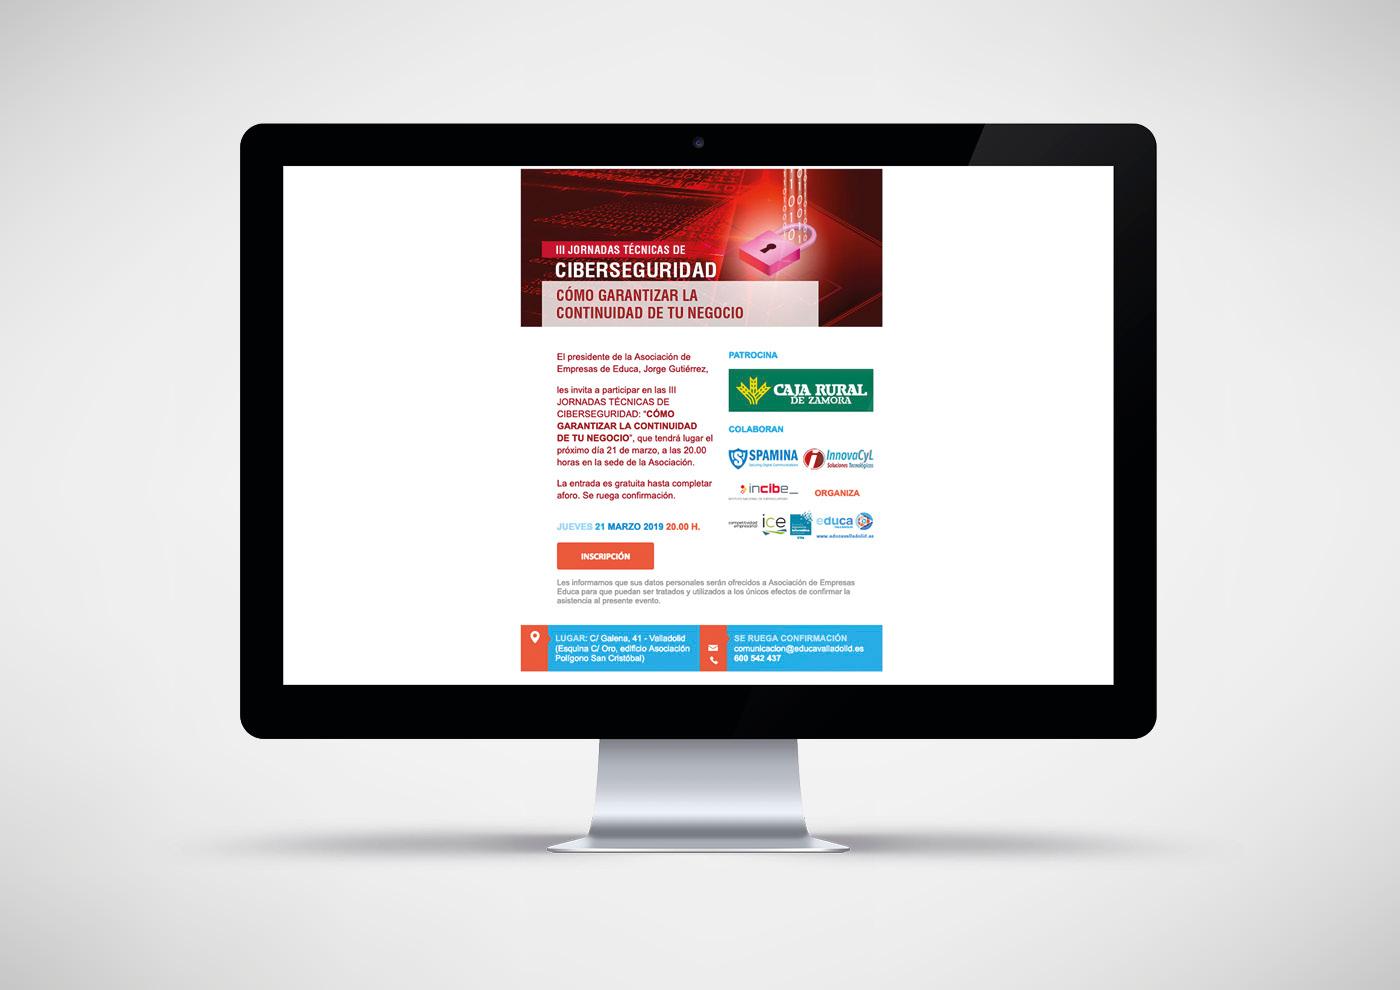 Educa - Jornada Profesional Ciberseguridad - Invitación web - Ivan Diez